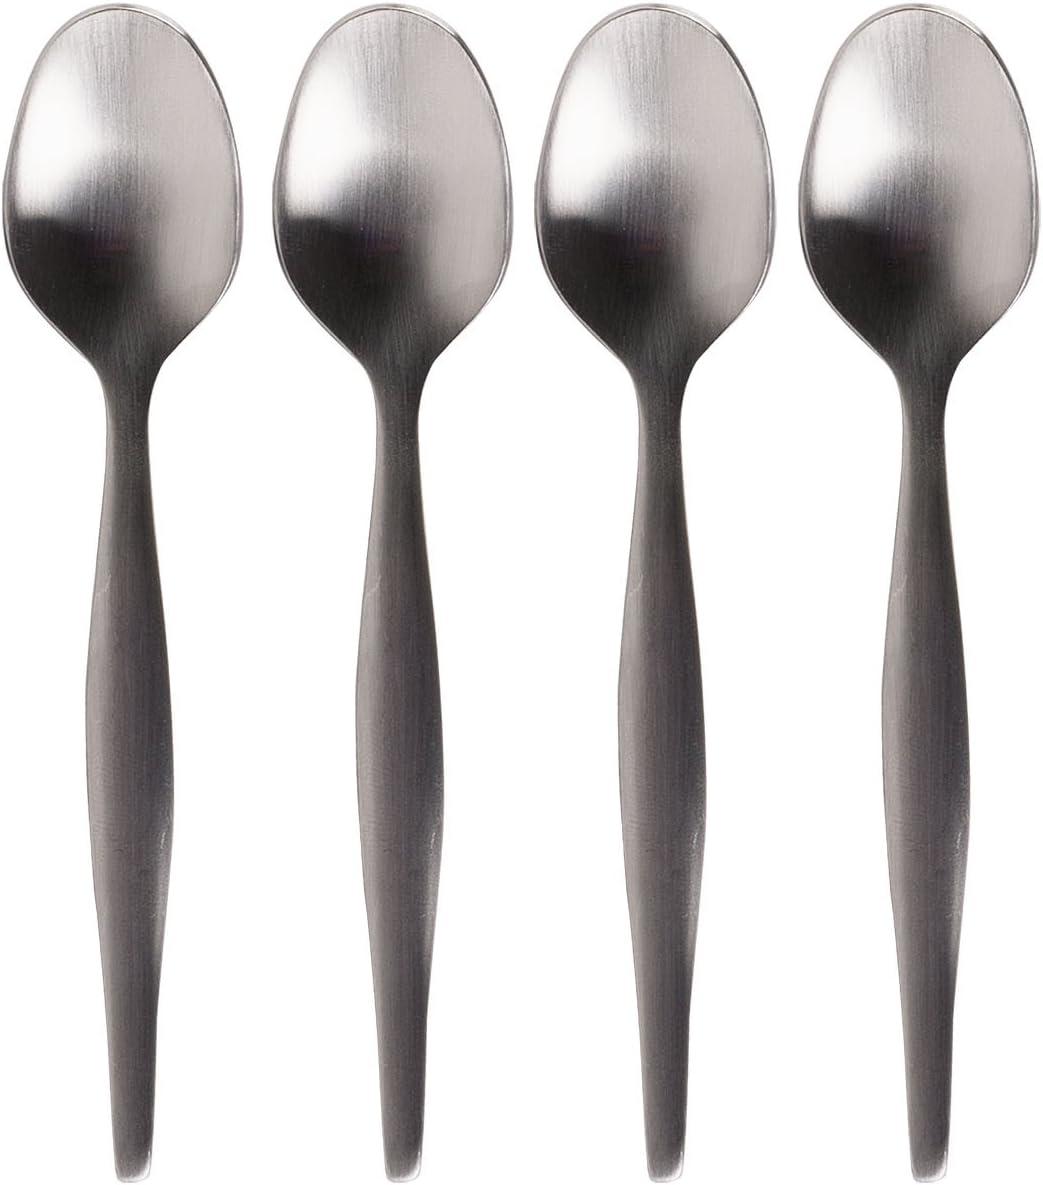 La Cafetiere Espresso Spoons, 2.5 x 15.7 x 12.4 cm, Silver 4 Set